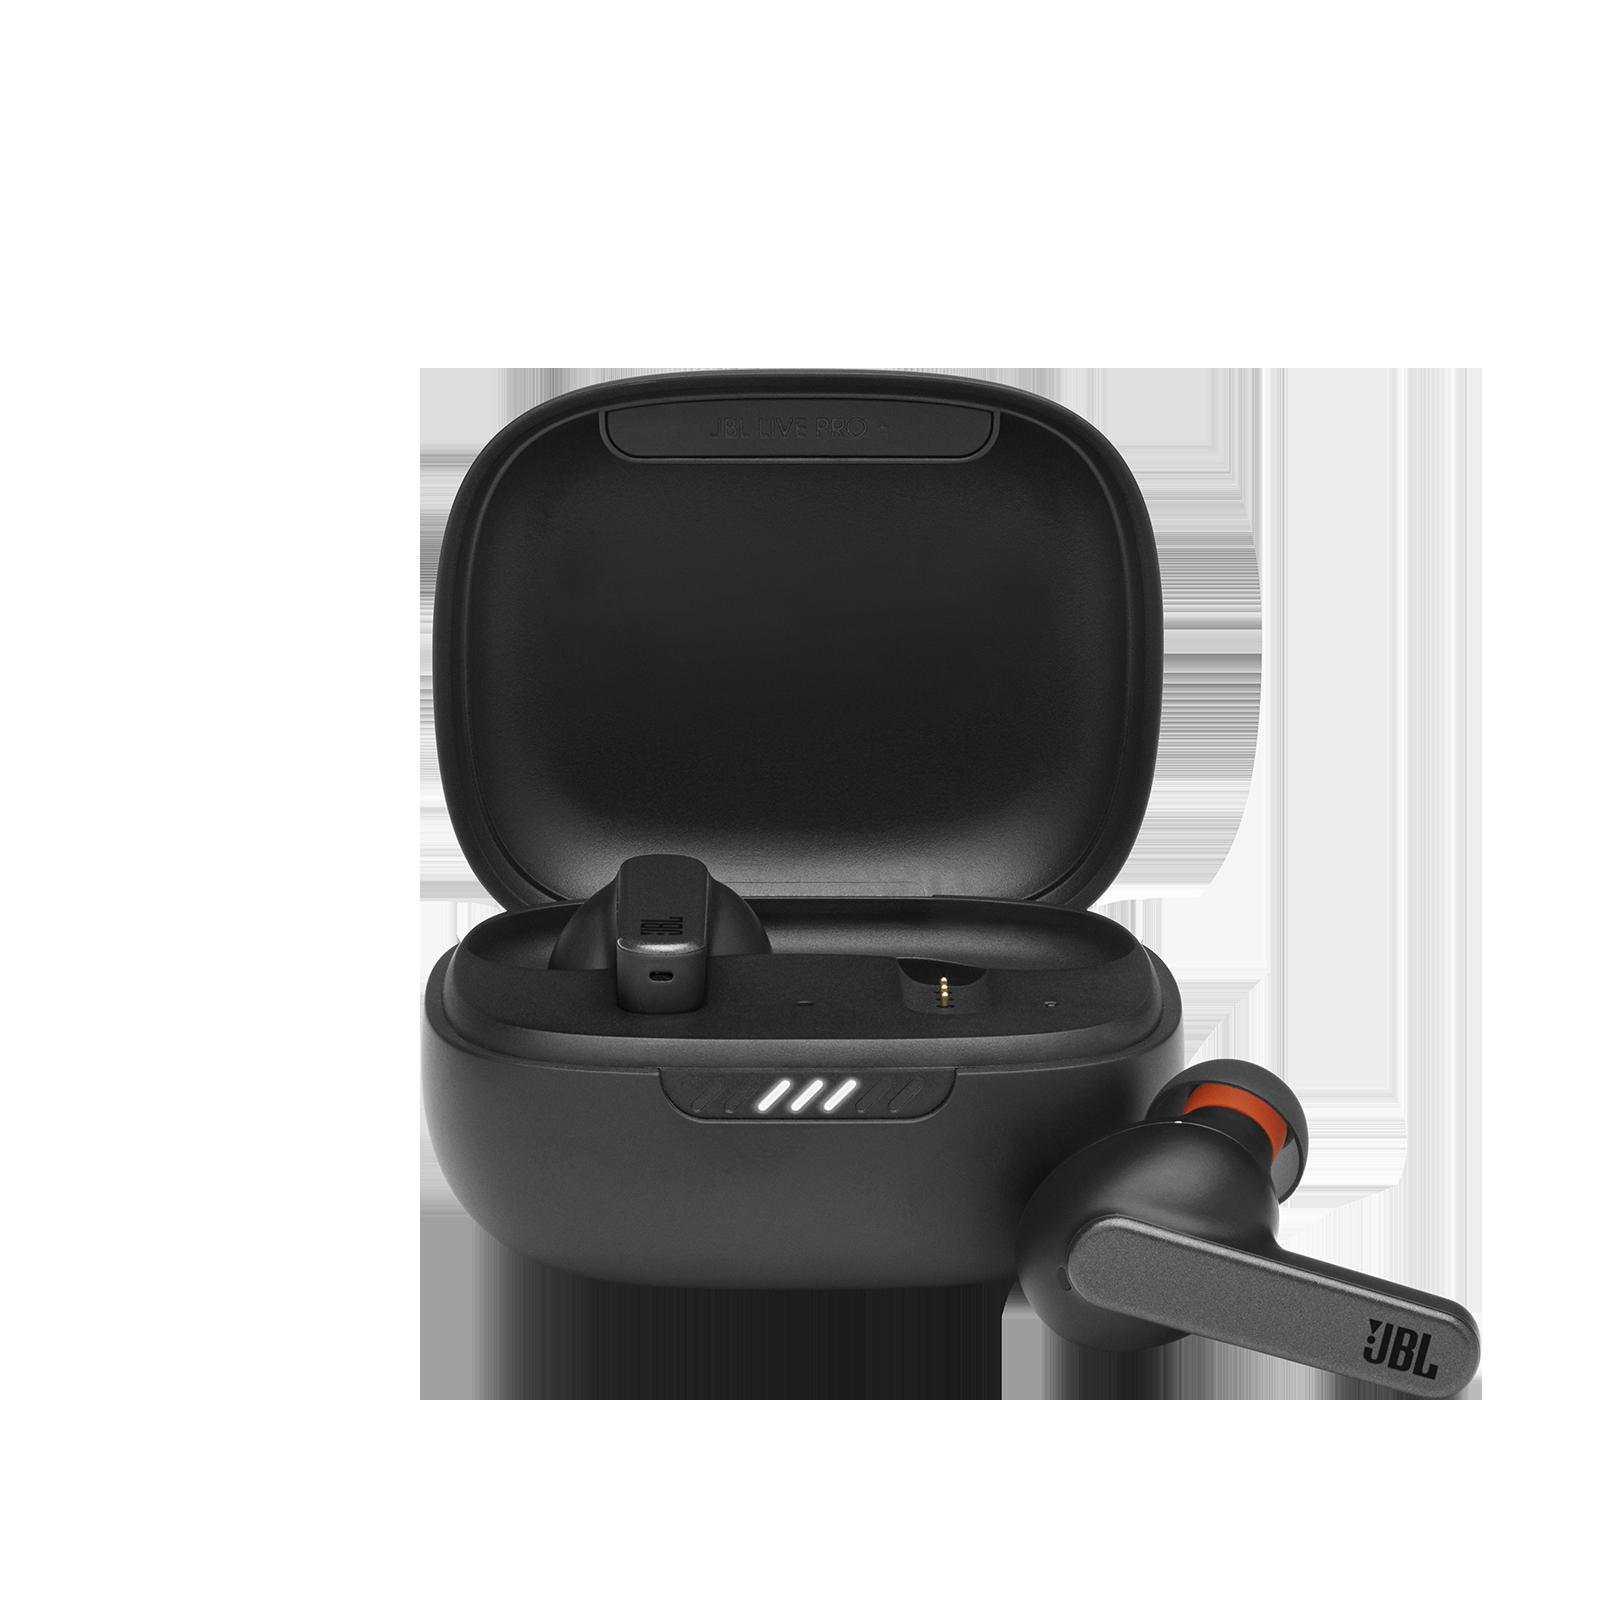 JBL Live Pro+ TWS - Black - True wireless Noise Cancelling earbuds - Hero